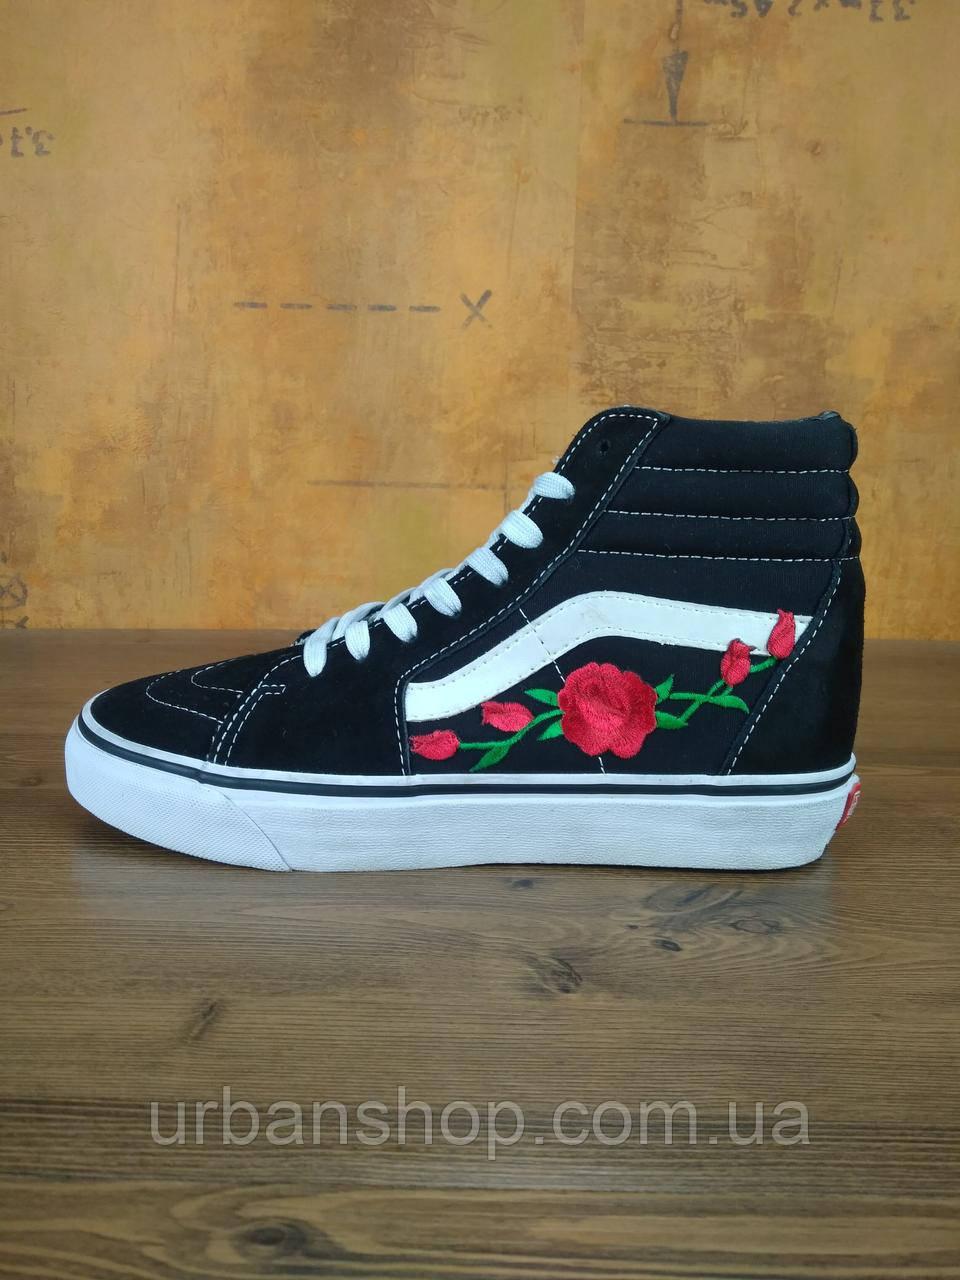 Кеди Vans SK8-HI Roses Black White 10  1 299 грн. - Спортивная обувь ... adc638a2f1a8a